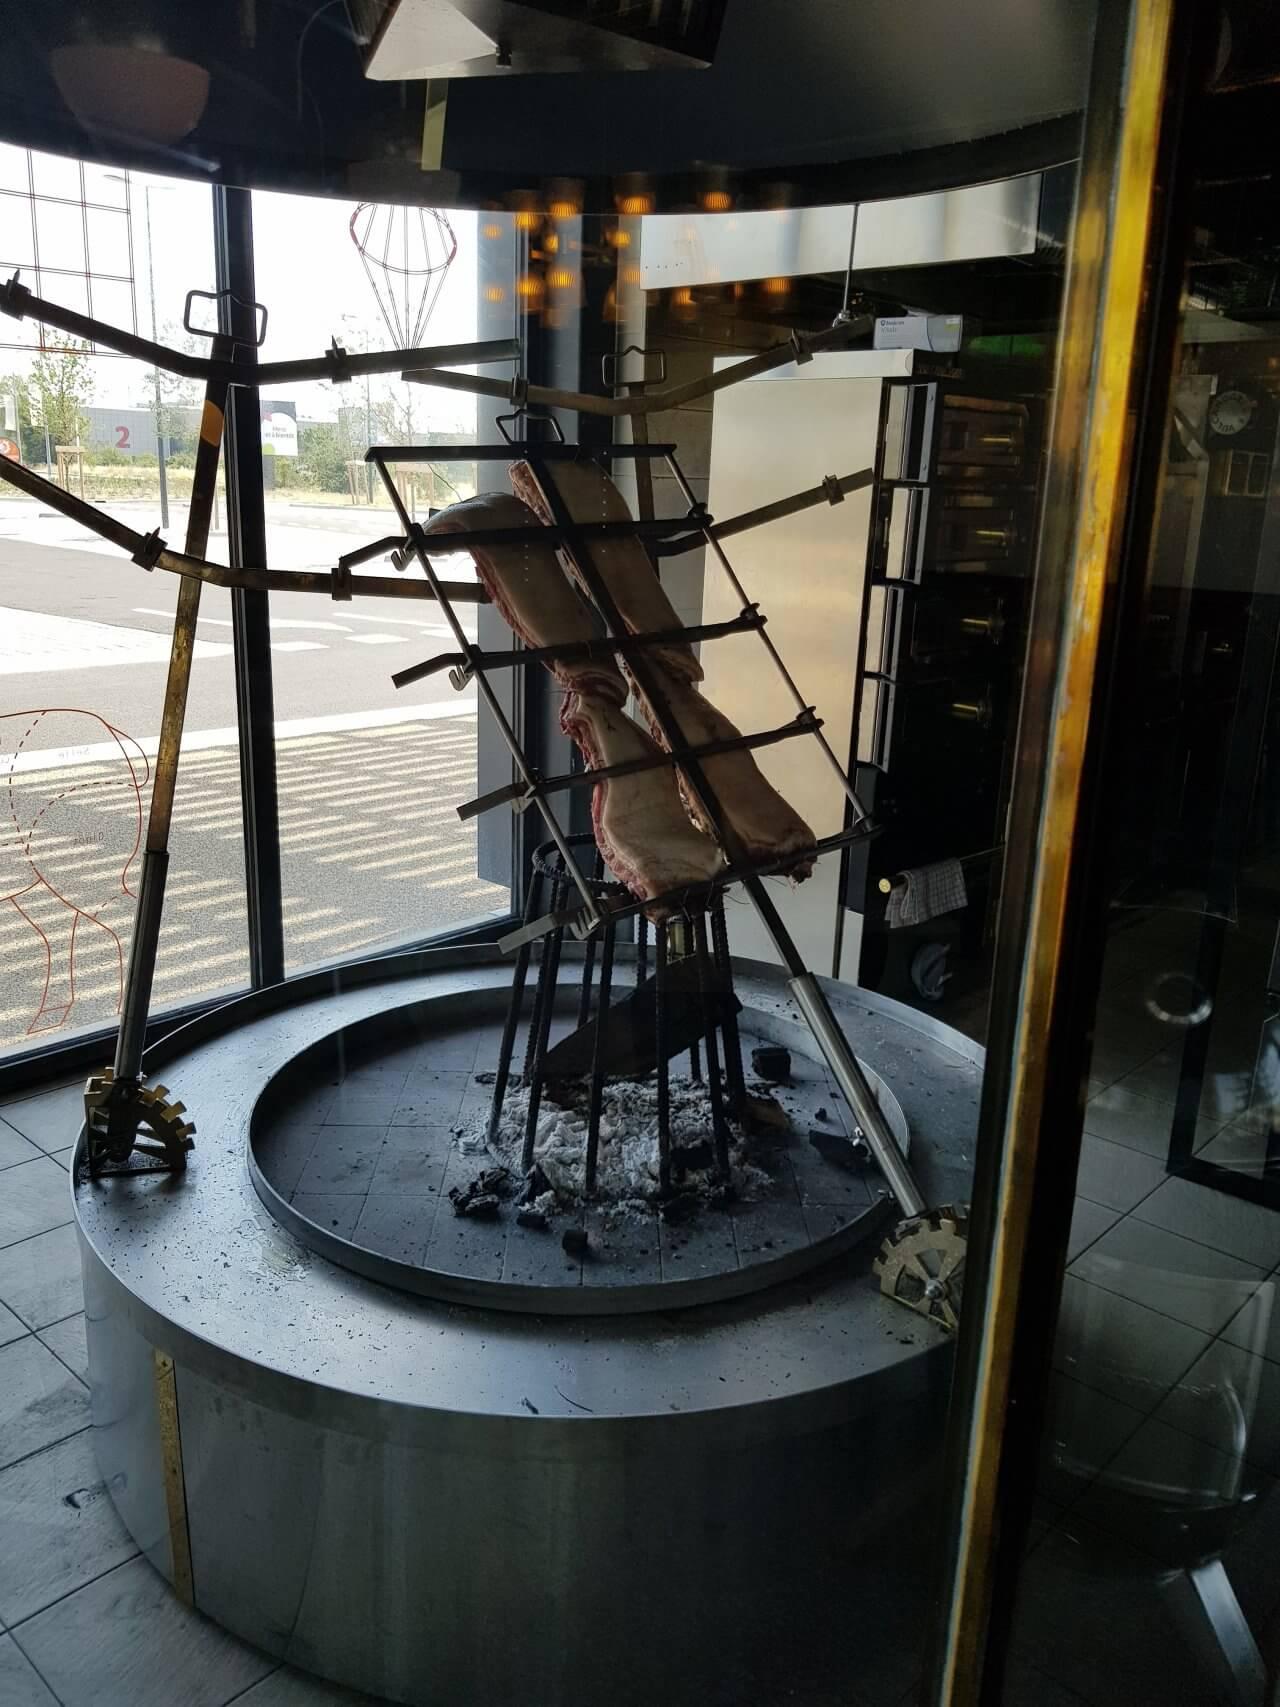 Kleslo - banquette sur mesure Leader de fabrication de fauteuils cinéma, théâtre ...El asador le pontet avignon V4